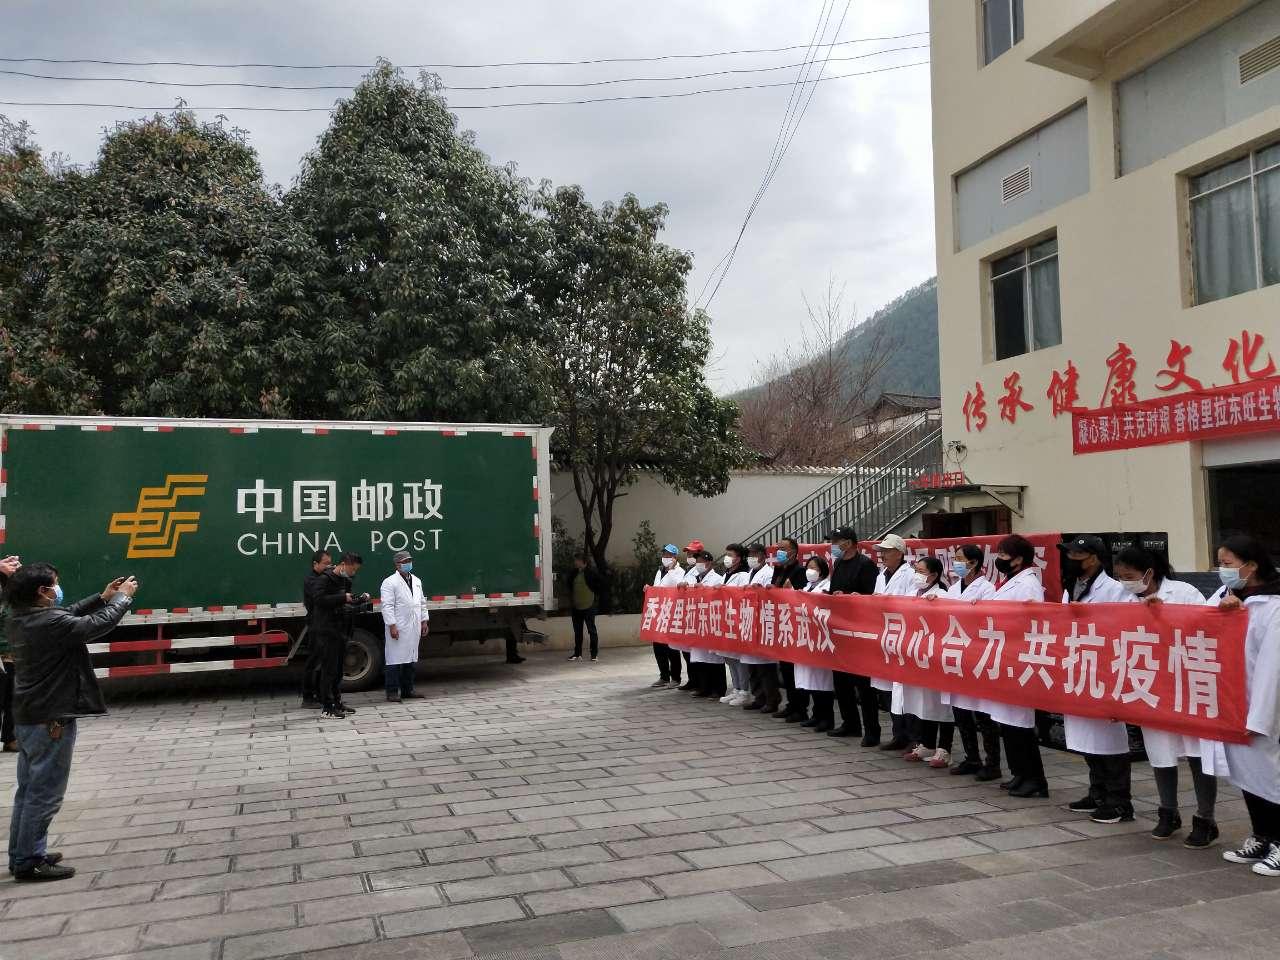 迪庆邮政分公司积极发运防疫物资